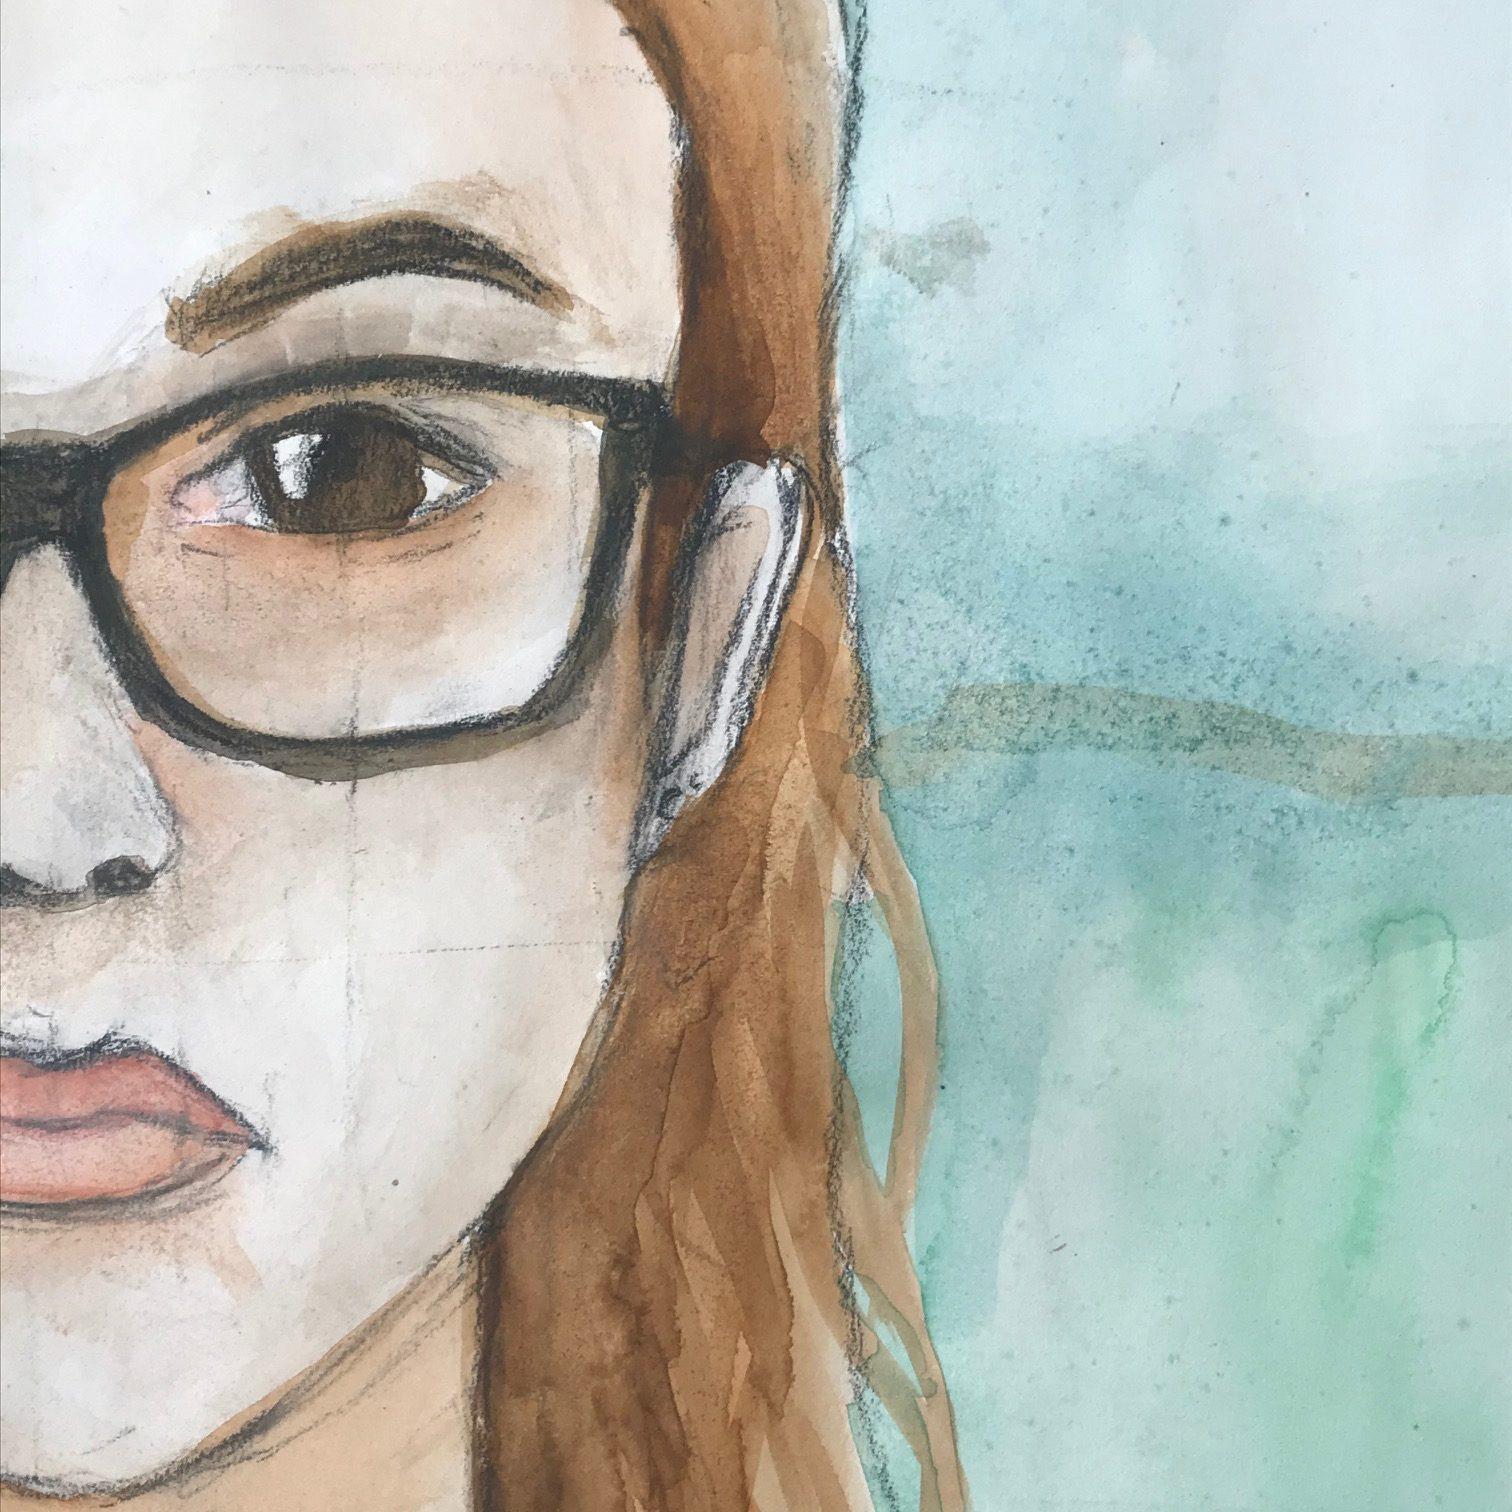 Self Portrait (detail)